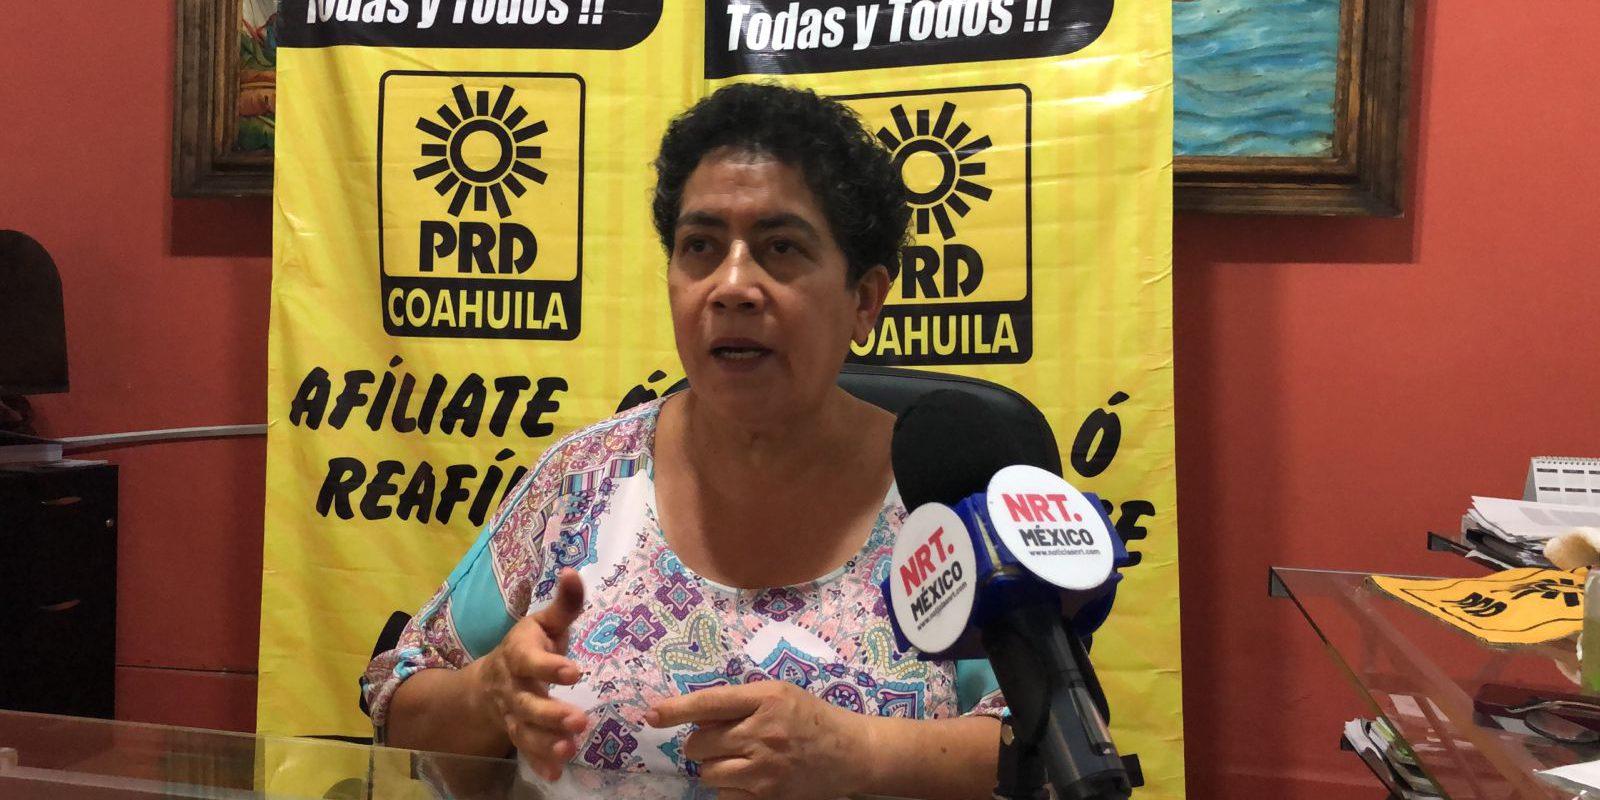 Mary Telma Guajardo exhorta a coahuilenses a salir a votar